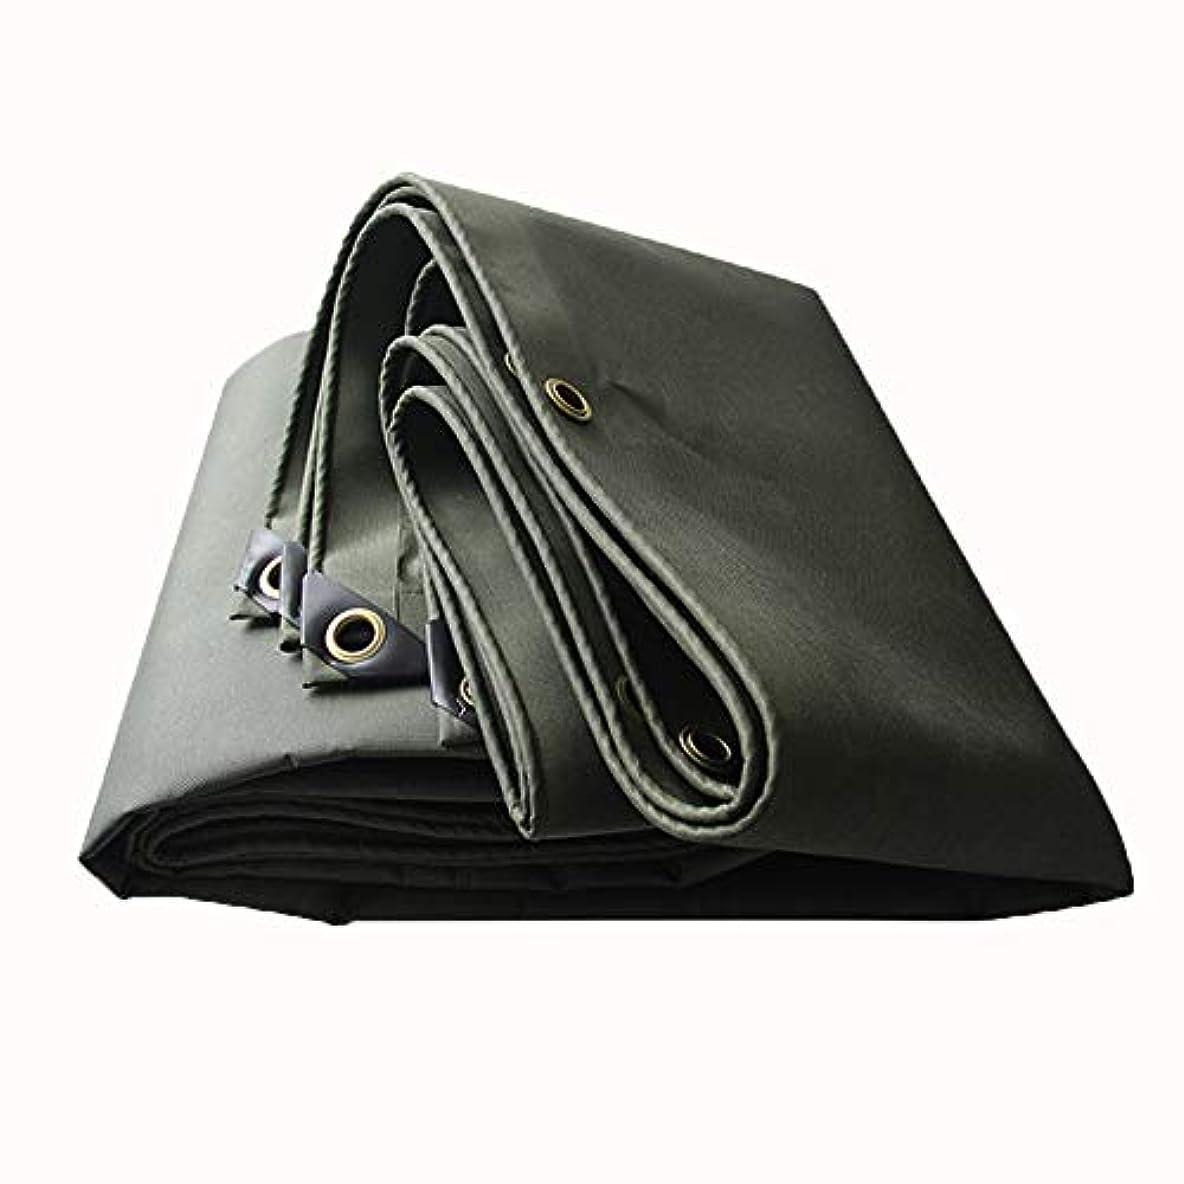 ガロン路地性格ターポリンキャンバス防水布リノリウムサンスクリーン布、580g / m2 ZHML (サイズ さいず : 3*4m)